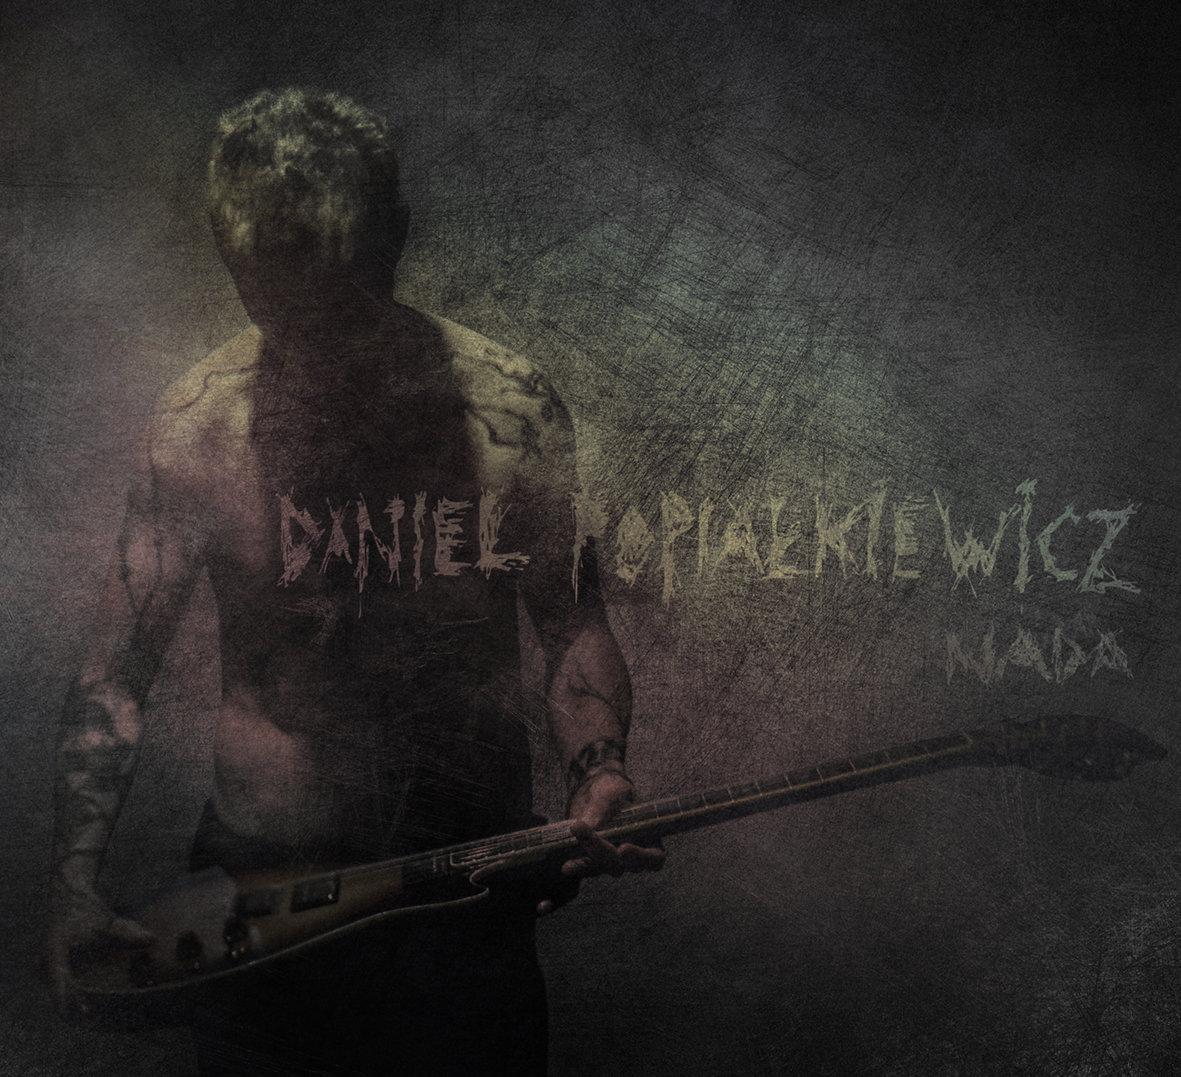 Popiałkiewicz Daniel – Nada